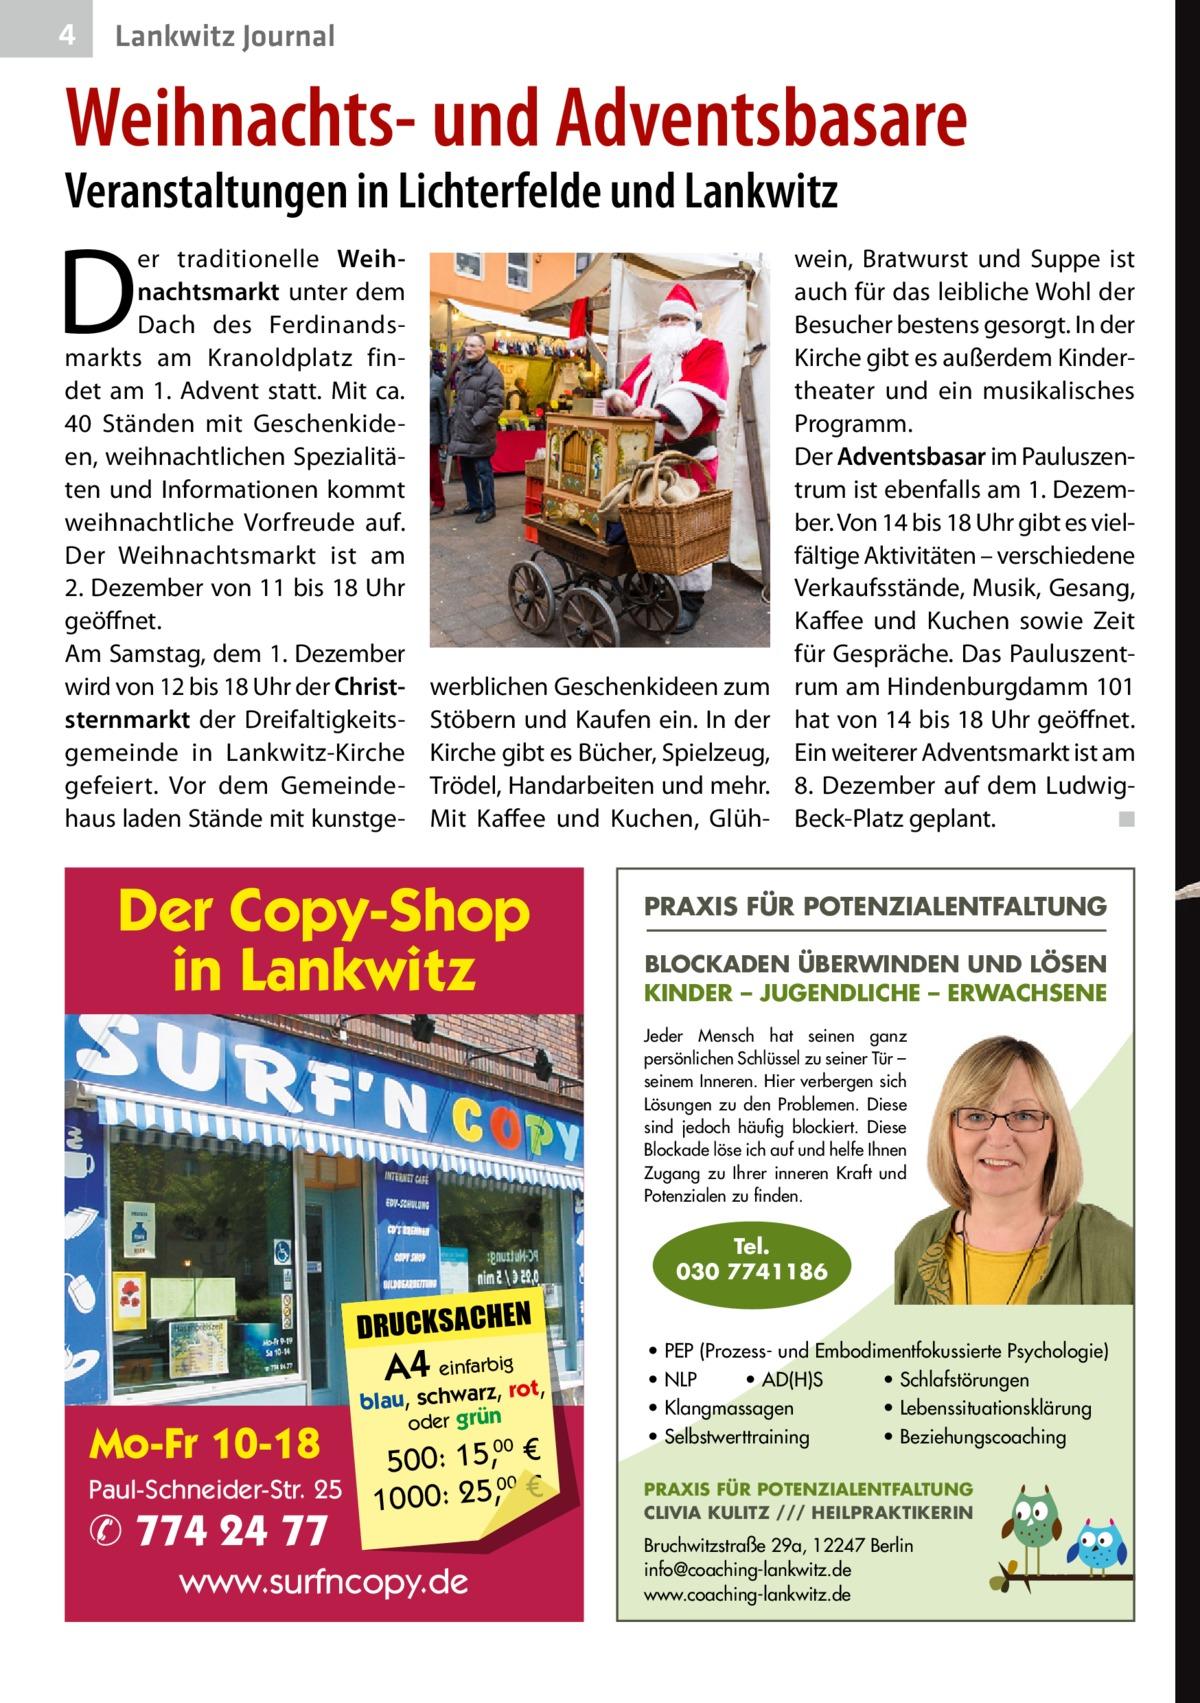 4  Lankwitz Journal  Weihnachts- und Adventsbasare Veranstaltungen in Lichterfelde und Lankwitz  D  er traditionelle Weihnachtsmarkt unter dem Dach des Ferdinandsmarkts am Kranoldplatz findet am 1. Advent statt. Mit ca. 40 Ständen mit Geschenkideen, weihnachtlichen Spezialitäten und Informationen kommt weihnachtliche Vorfreude auf. Der Weihnachtsmarkt ist am 2.Dezember von 11 bis 18Uhr geöffnet. Am Samstag, dem 1.Dezember wird von 12 bis 18Uhr der Christsternmarkt der Dreifaltigkeitsgemeinde in Lankwitz-Kirche gefeiert. Vor dem Gemeindehaus laden Stände mit kunstge werblichen Geschenkideen zum Stöbern und Kaufen ein. In der Kirche gibt es Bücher, Spielzeug, Trödel, Handarbeiten und mehr. Mit Kaffee und Kuchen, Glüh Der Copy-Shop in Lankwitz  wein, Bratwurst und Suppe ist auch für das leibliche Wohl der Besucher bestens gesorgt. In der Kirche gibt es außerdem Kindertheater und ein musikalisches Programm. Der Adventsbasar im Pauluszentrum ist ebenfalls am 1.Dezember. Von 14 bis 18Uhr gibt es vielfältige Aktivitäten – verschiedene Verkaufsstände, Musik, Gesang, Kaffee und Kuchen sowie Zeit für Gespräche. Das Pauluszentrum am Hindenburgdamm101 hat von 14 bis 18Uhr geöffnet. Ein weiterer Adventsmarkt ist am 8. Dezember auf dem LudwigBeck-Platz geplant.� ◾  PRAXIS FÜR POTENZIALENTFALTUNG BLOCKADEN ÜBERWINDEN UND LÖSEN KINDER – JUGENDLICHE – ERWACHSENE Jeder Mensch hat seinen ganz persönlichen Schlüssel zu seiner Tür – seinem Inneren. Hier verbergen sich Lösungen zu den Problemen. Diese sind jedoch häufig blockiert. Diese Blockade löse ich auf und helfe Ihnen Zugang zu Ihrer inneren Kraft und Potenzialen zu finden.  Tel. 030 7741186  DRUCKSACHEN  A4 einfarz,bigrot,  Mo-Fr 10-18  blau, schwar oder grün  00 500: 15, € Paul-Schneider-Str. 25 1000: 25,00 €  ✆ 774 24 77  www.surfncopy.de  • PEP (Prozess- und Embodimentfokussierte Psychologie) • NLP • AD(H)S • Schlafstörungen • Klangmassagen • Lebenssituationsklärung • Selbstwerttraining • Beziehungscoaching PRAXIS FÜR POTENZIAL